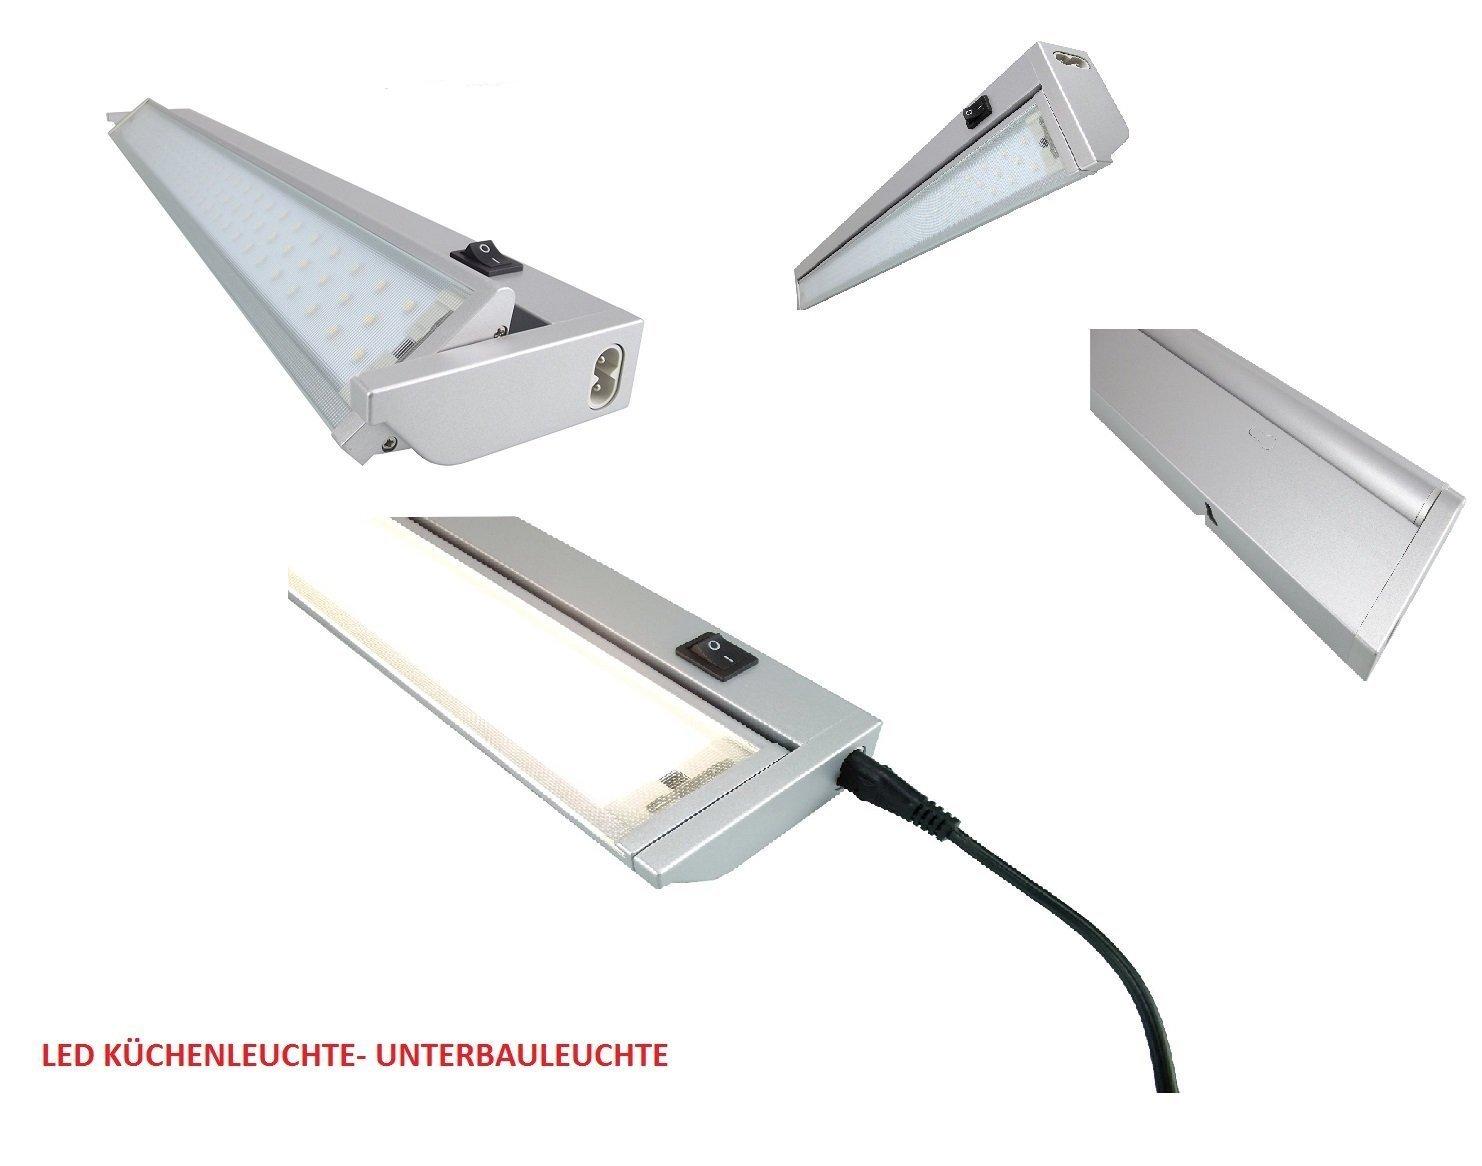 Neuauflage Modell 2016 NEU im Programm-Neutralweiss LED   SMD Schwenkbare -14,0 W Aluminium Unterbauleuchte mit Euro-Stecker  Schutzscheibe aus Glas-Länge ca 923mm - Anbauleuchte Anbaulampe Aufbauleuchte Aufbaulampe Lichtleiste Vitrinenleuchte Vitri